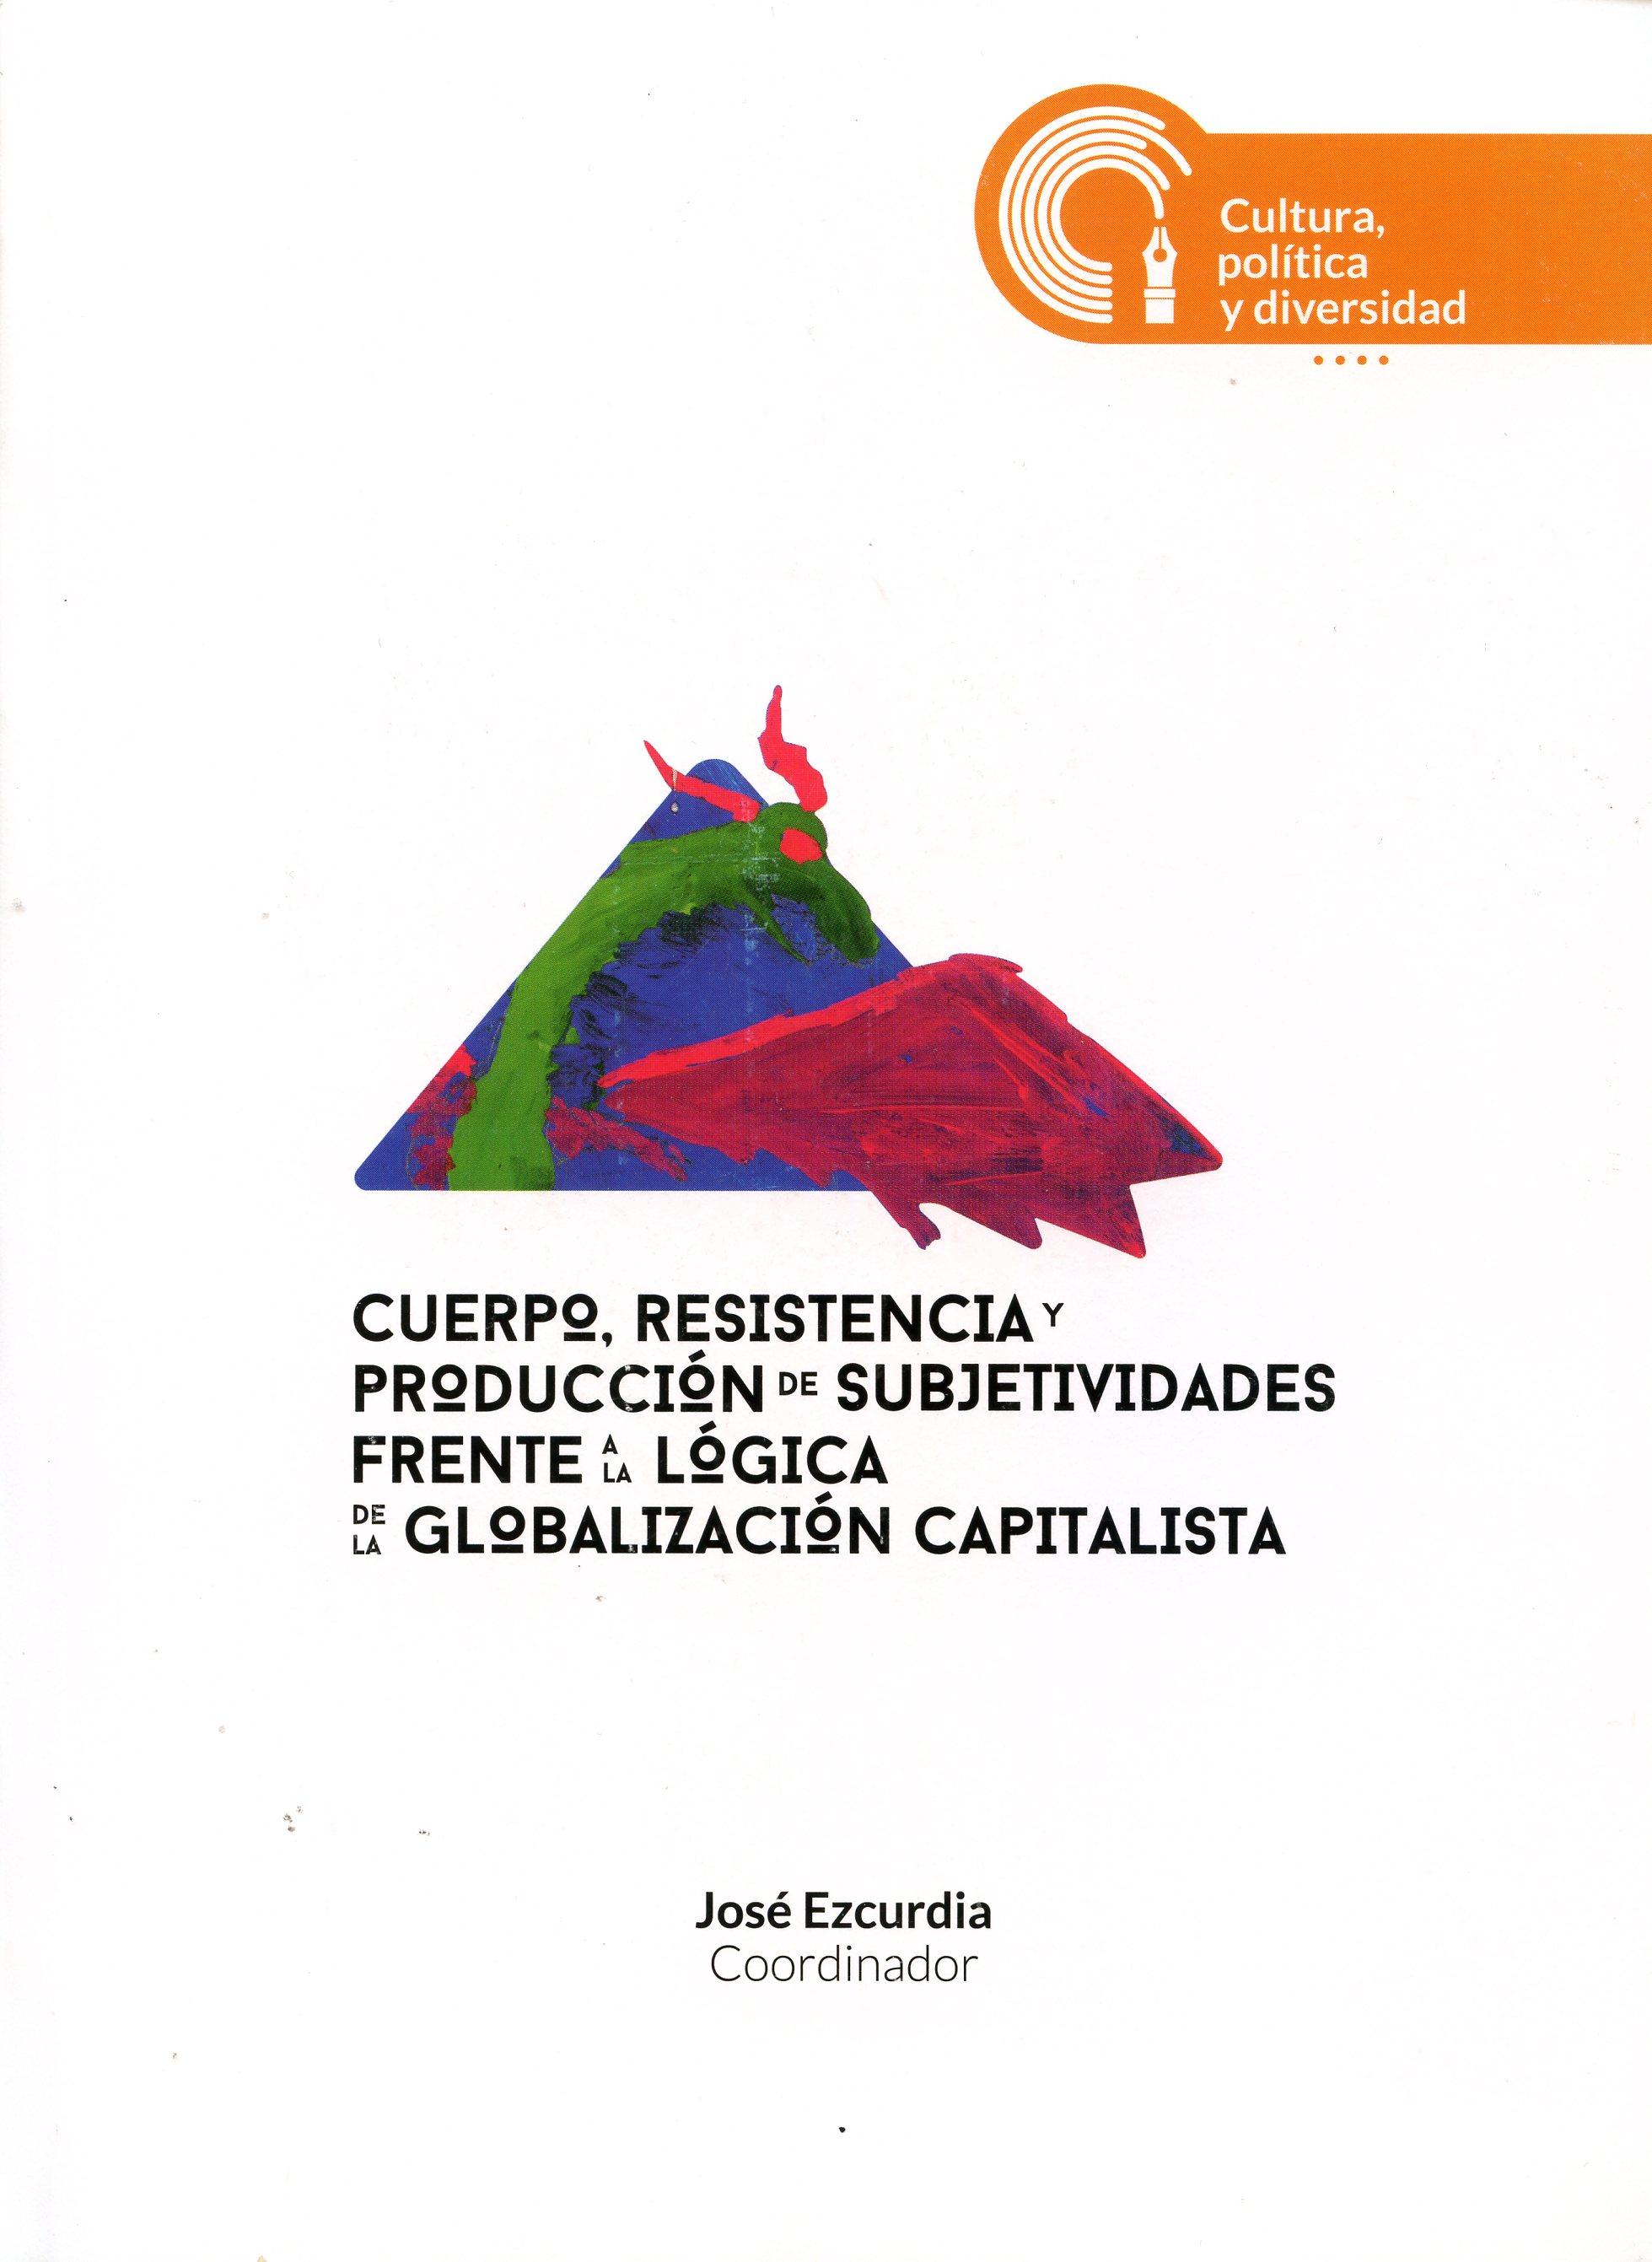 Cuerpo, resistencia y subjetividades frente a la lógica de la globalización capitalista